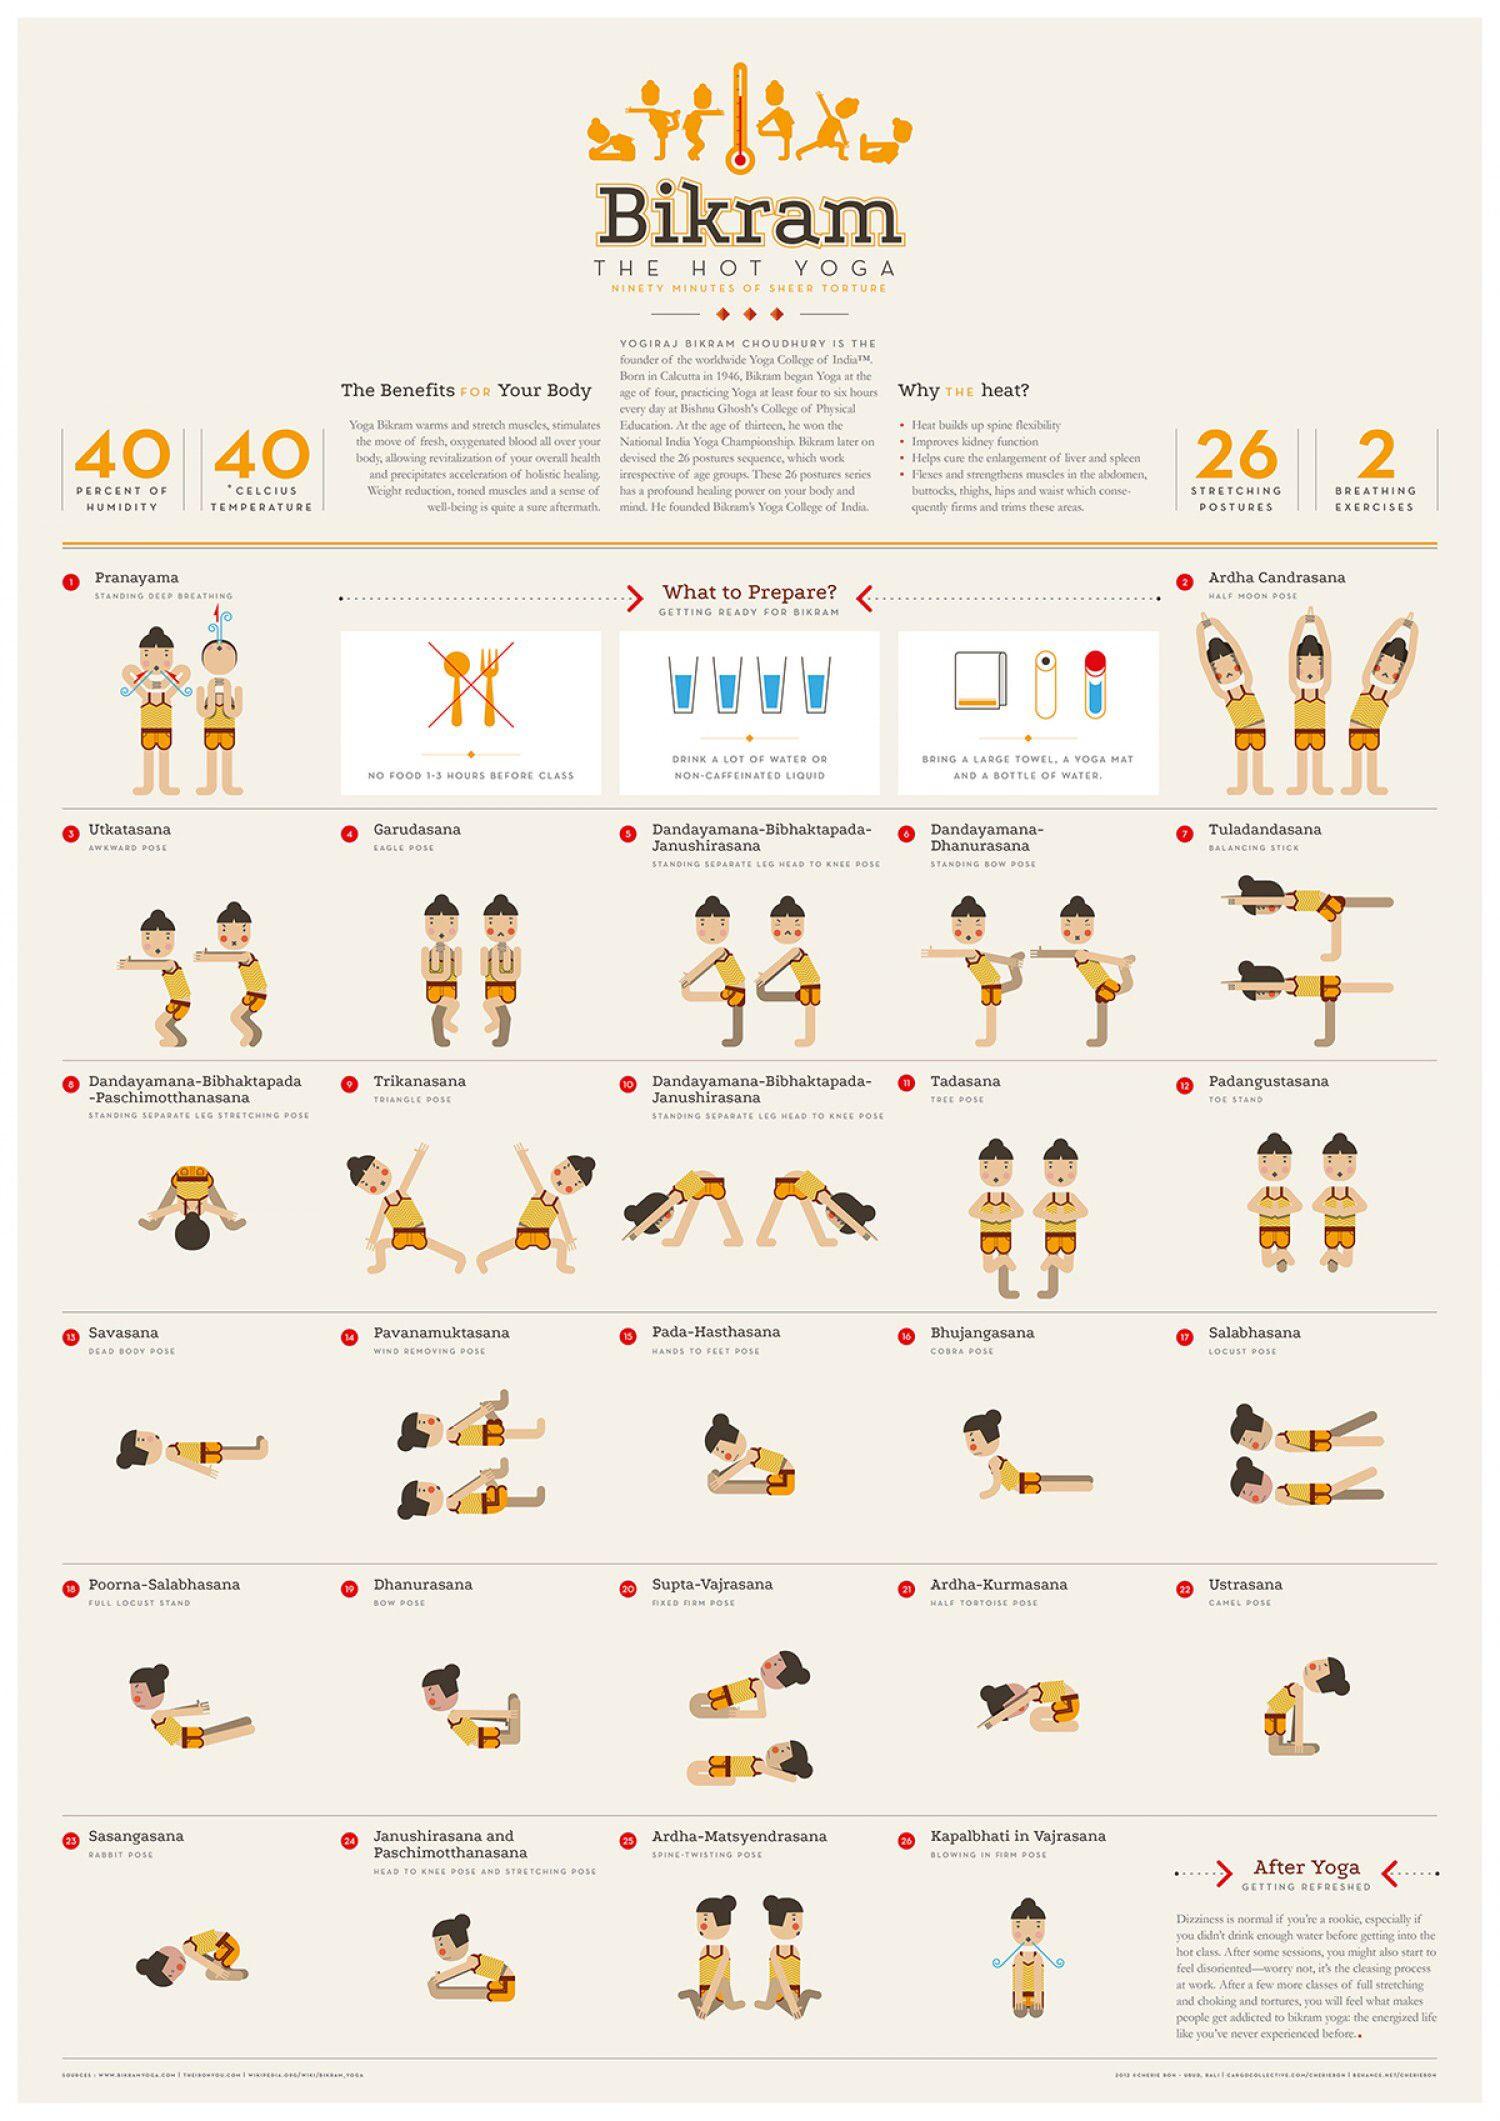 Imagen de https://thumbnails-visually.netdna-ssl.com/bikram-yoga-pose-sequence_52a1d0882039b_w1500.jpg.